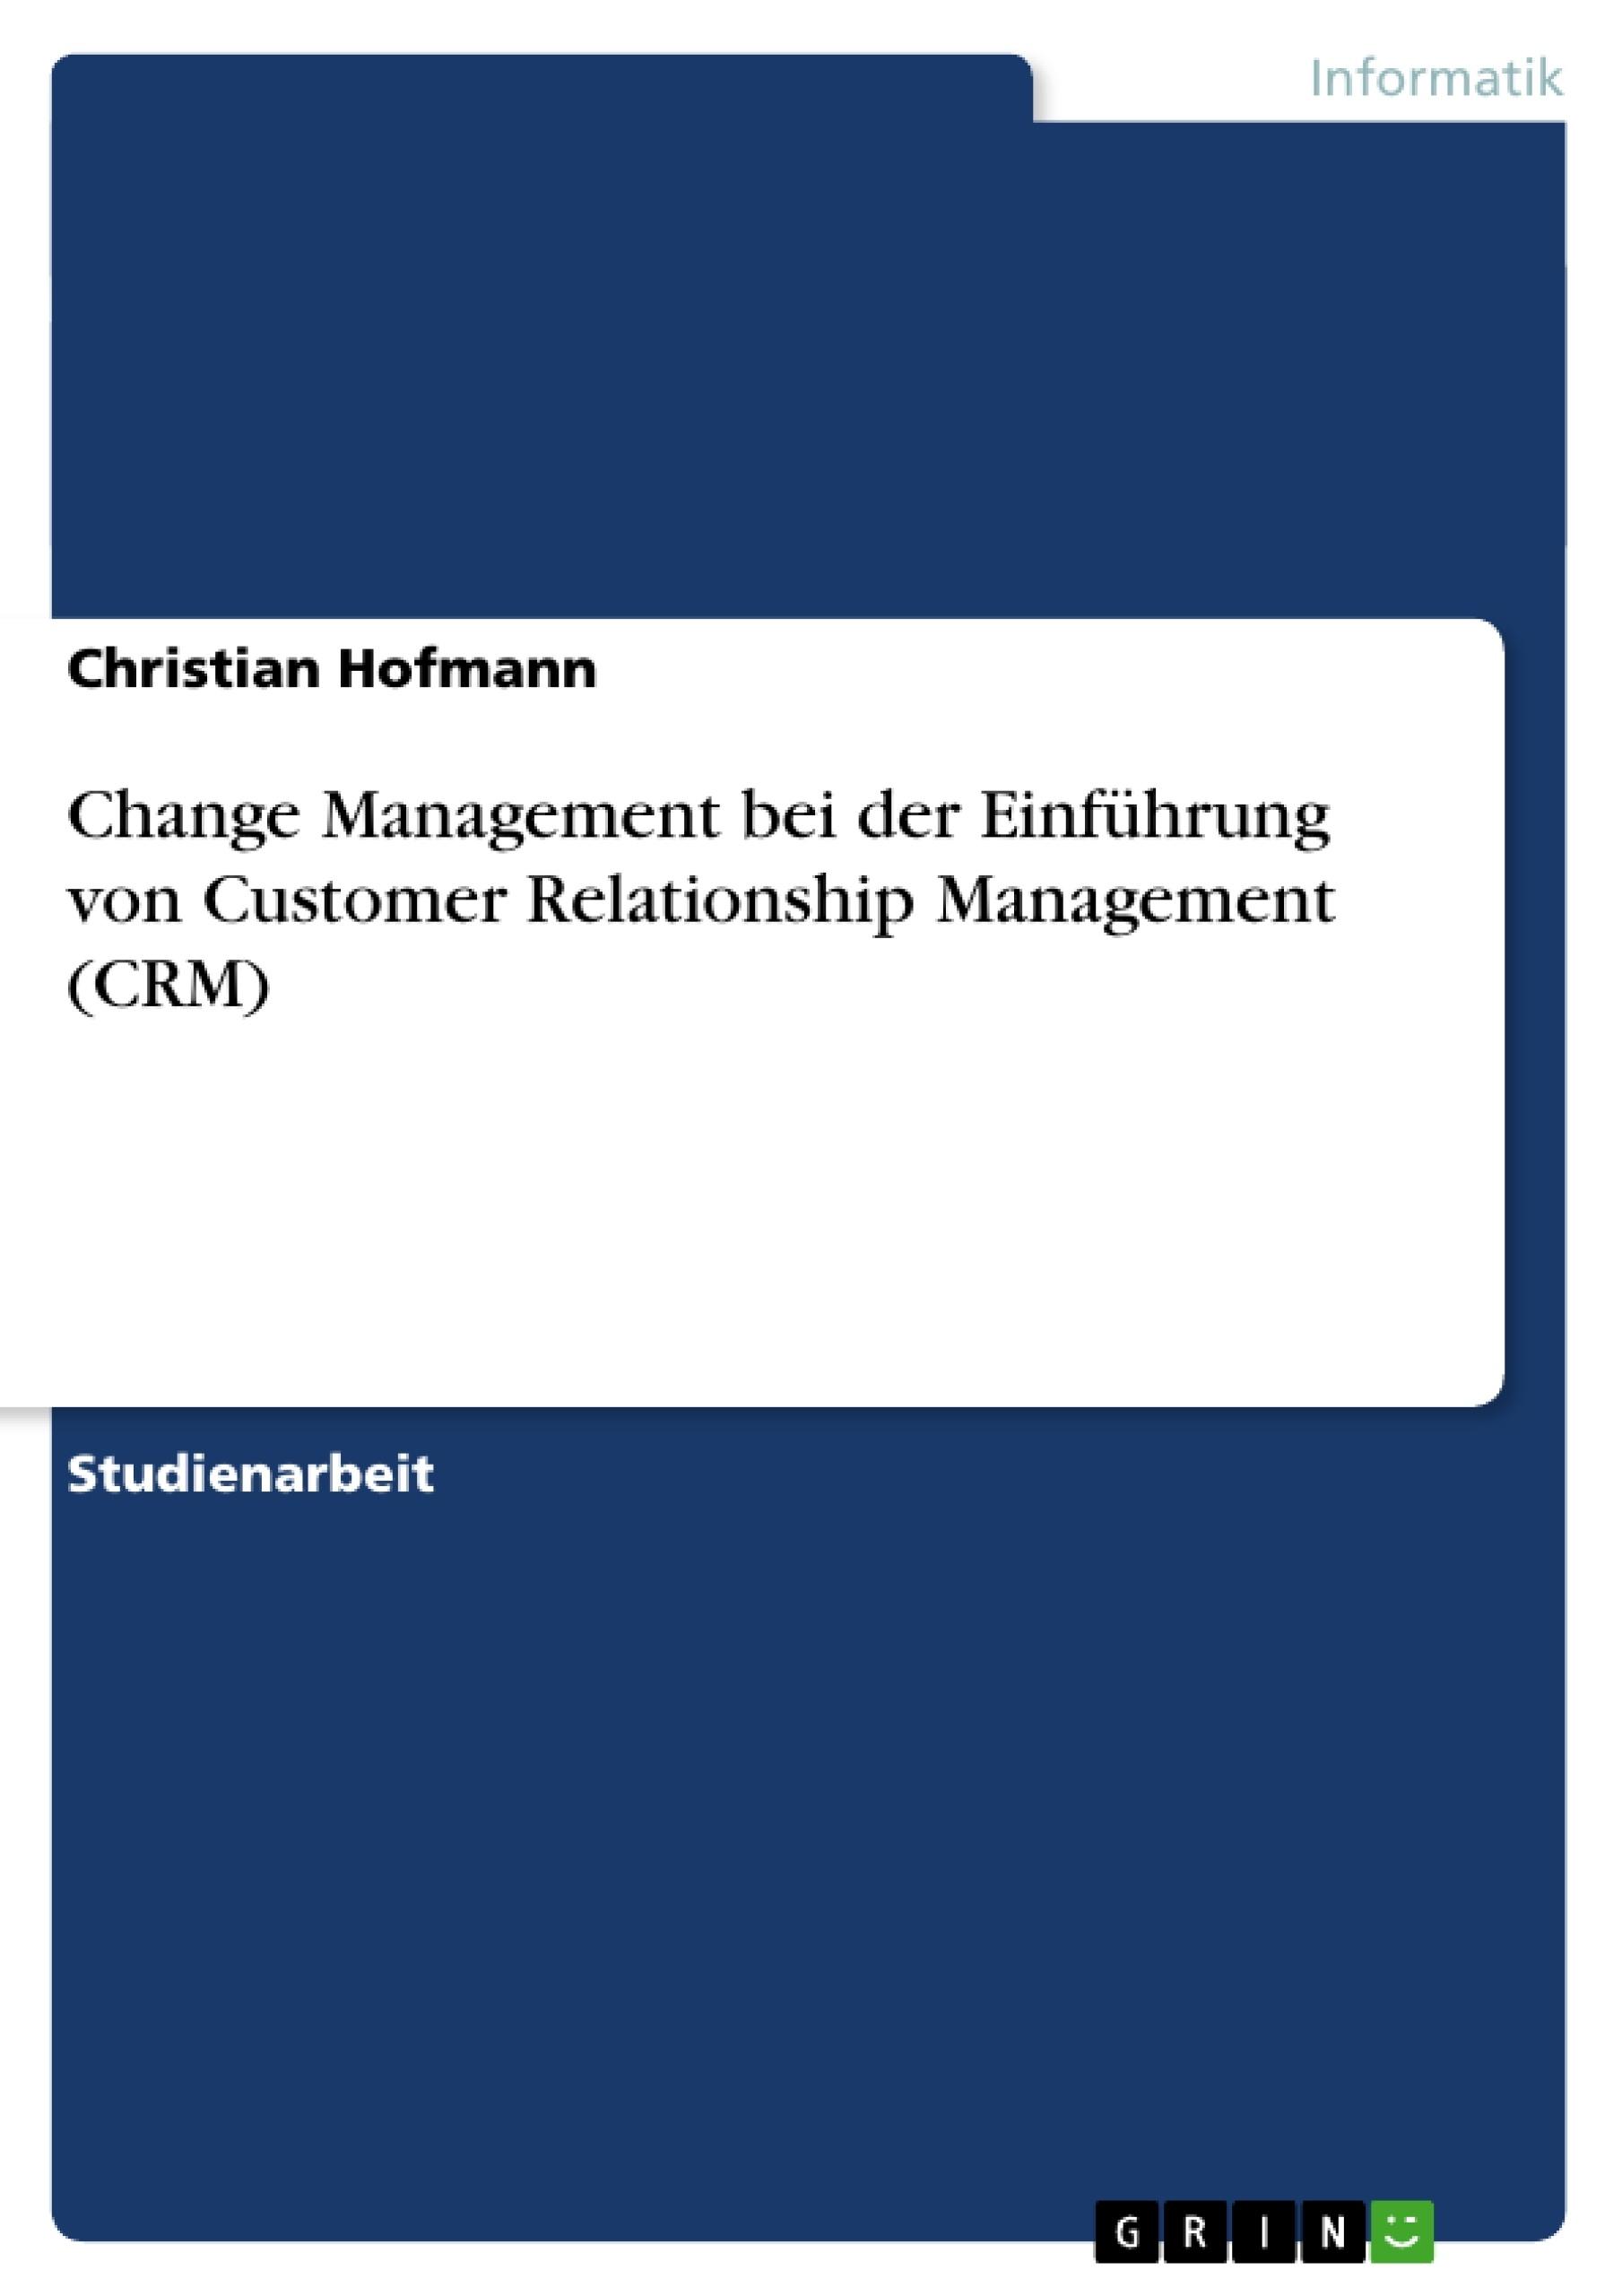 Titel: Change Management bei der Einführung von Customer Relationship Management (CRM)